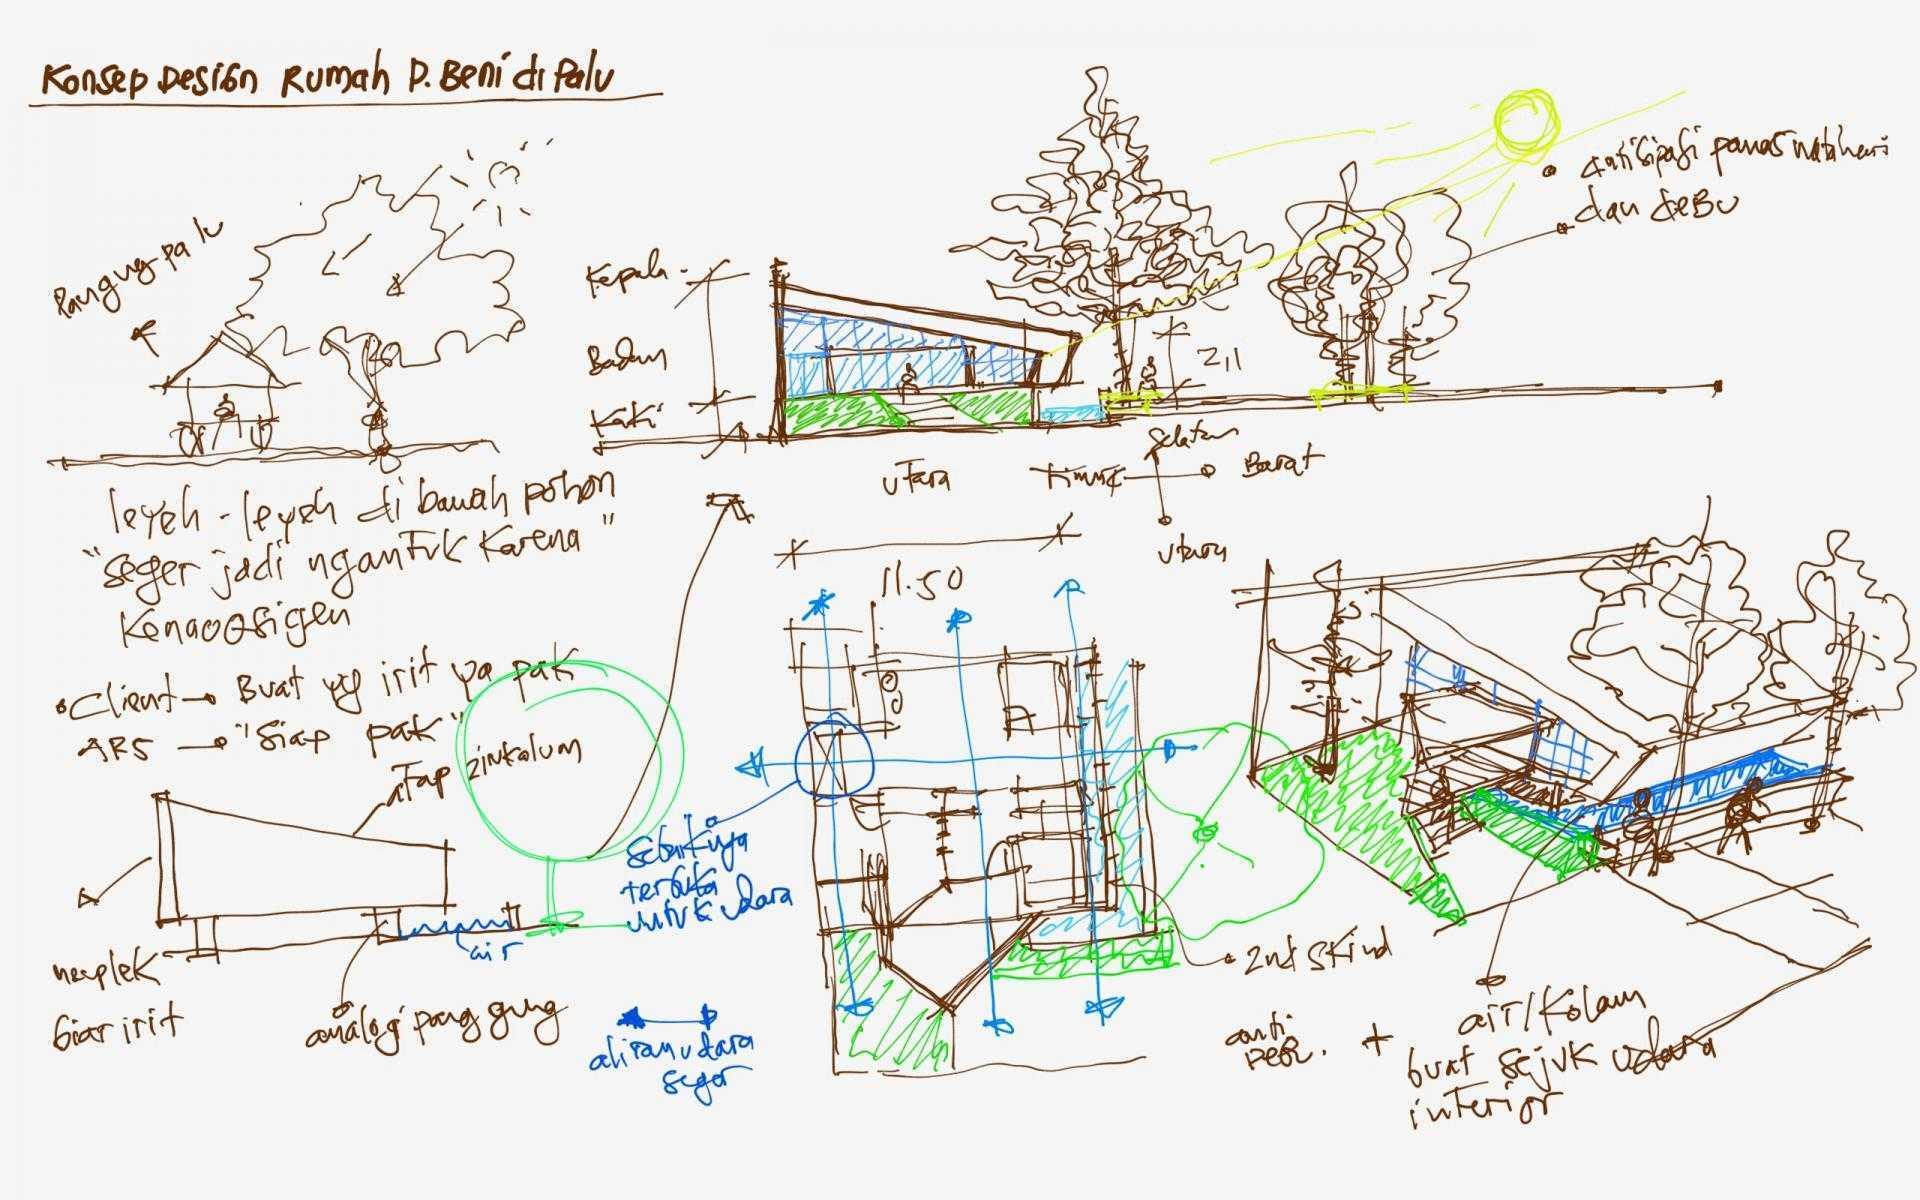 Roni Desain Rumah Hemat Energi  Sulawesi Selatan, Indonesia Sulawesi Selatan, Indonesia Roni-Desain-Rumah-Hemat-Energi-   59902